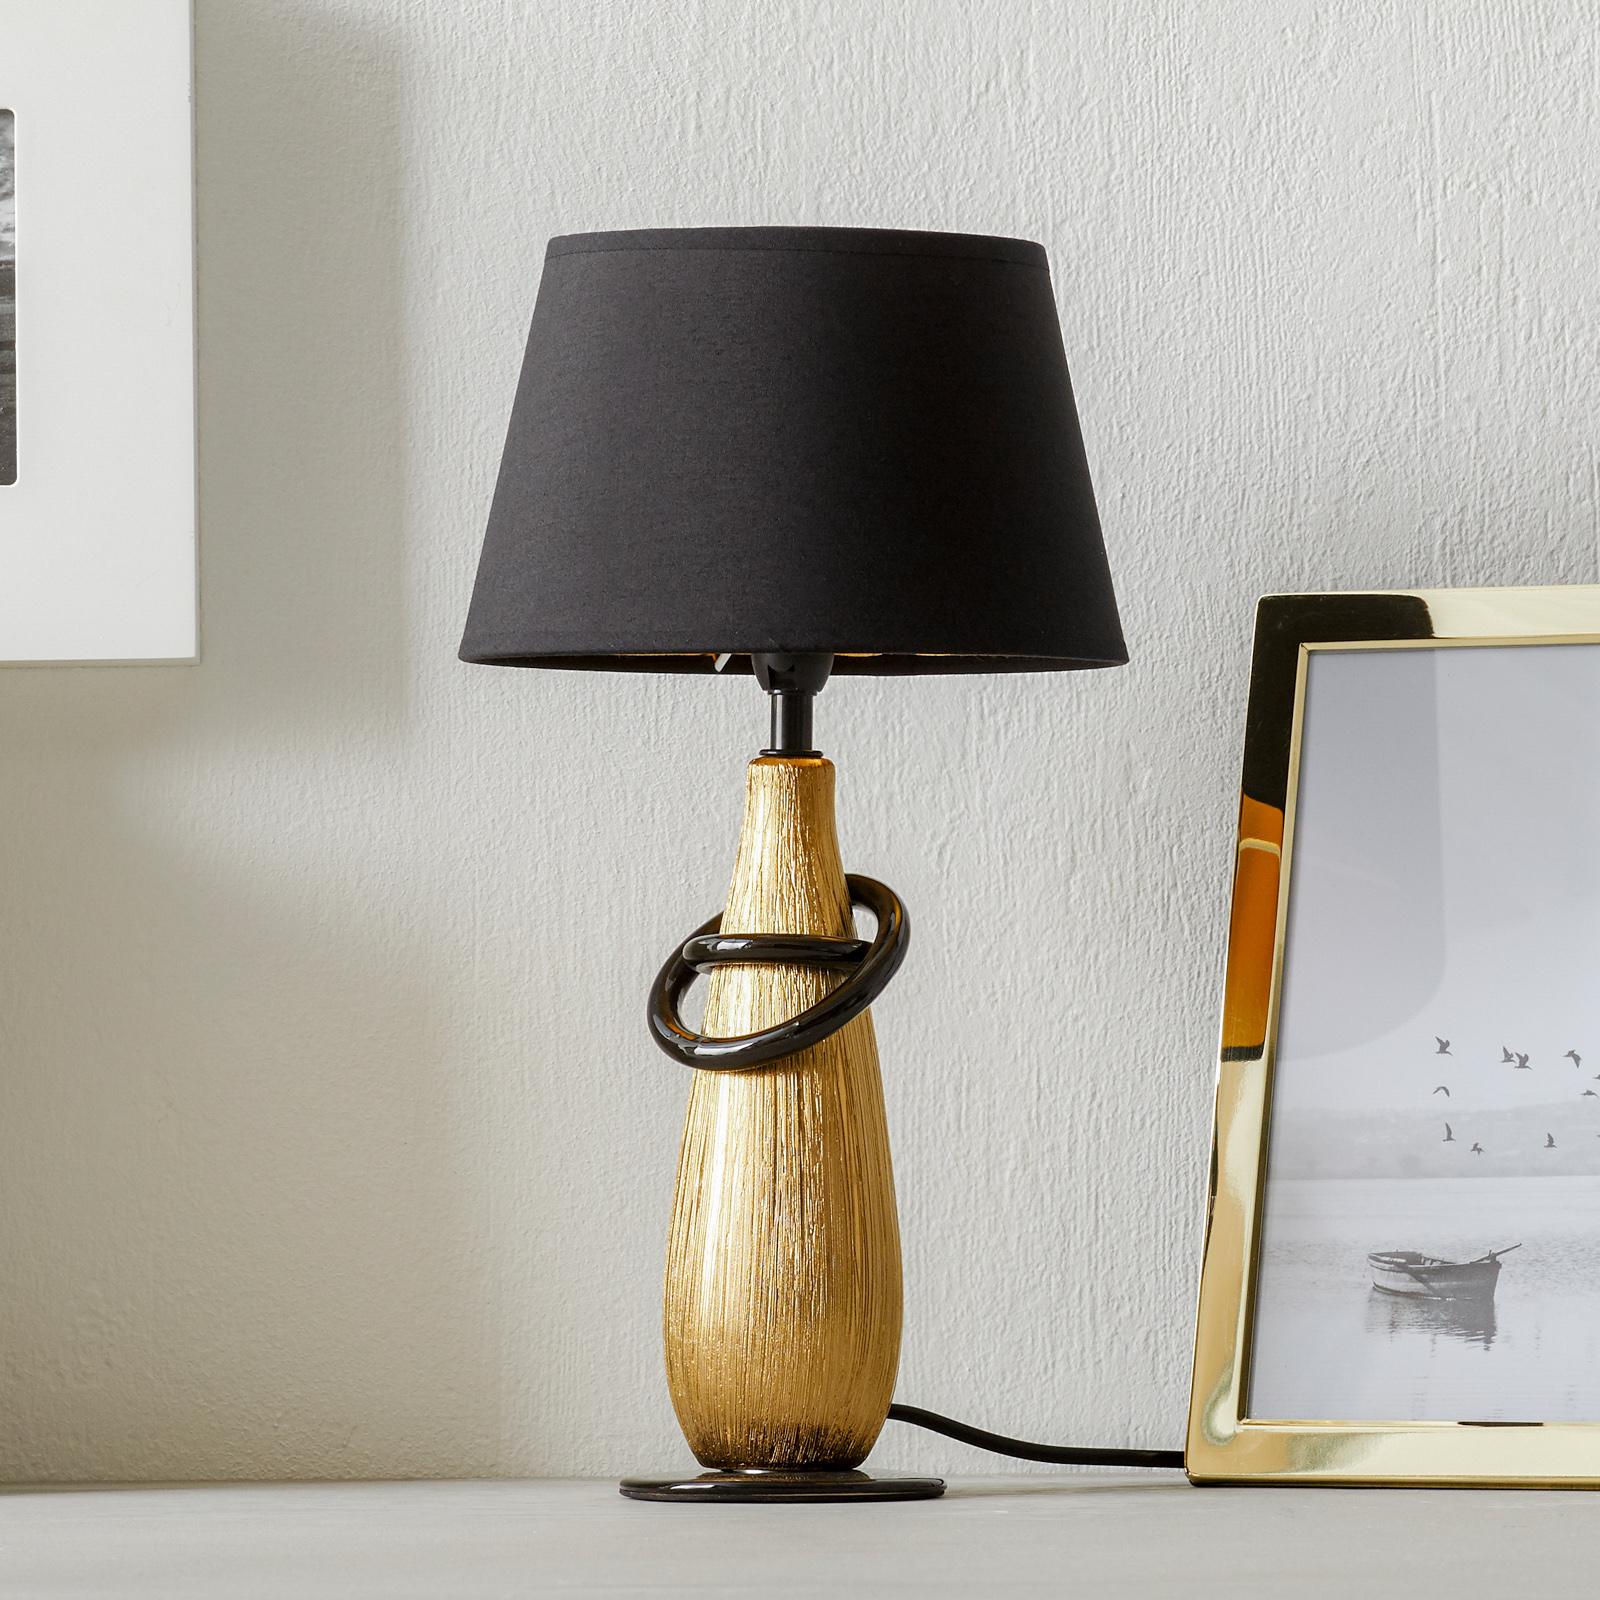 Moderni keraaminen pöytälamppu Thebes